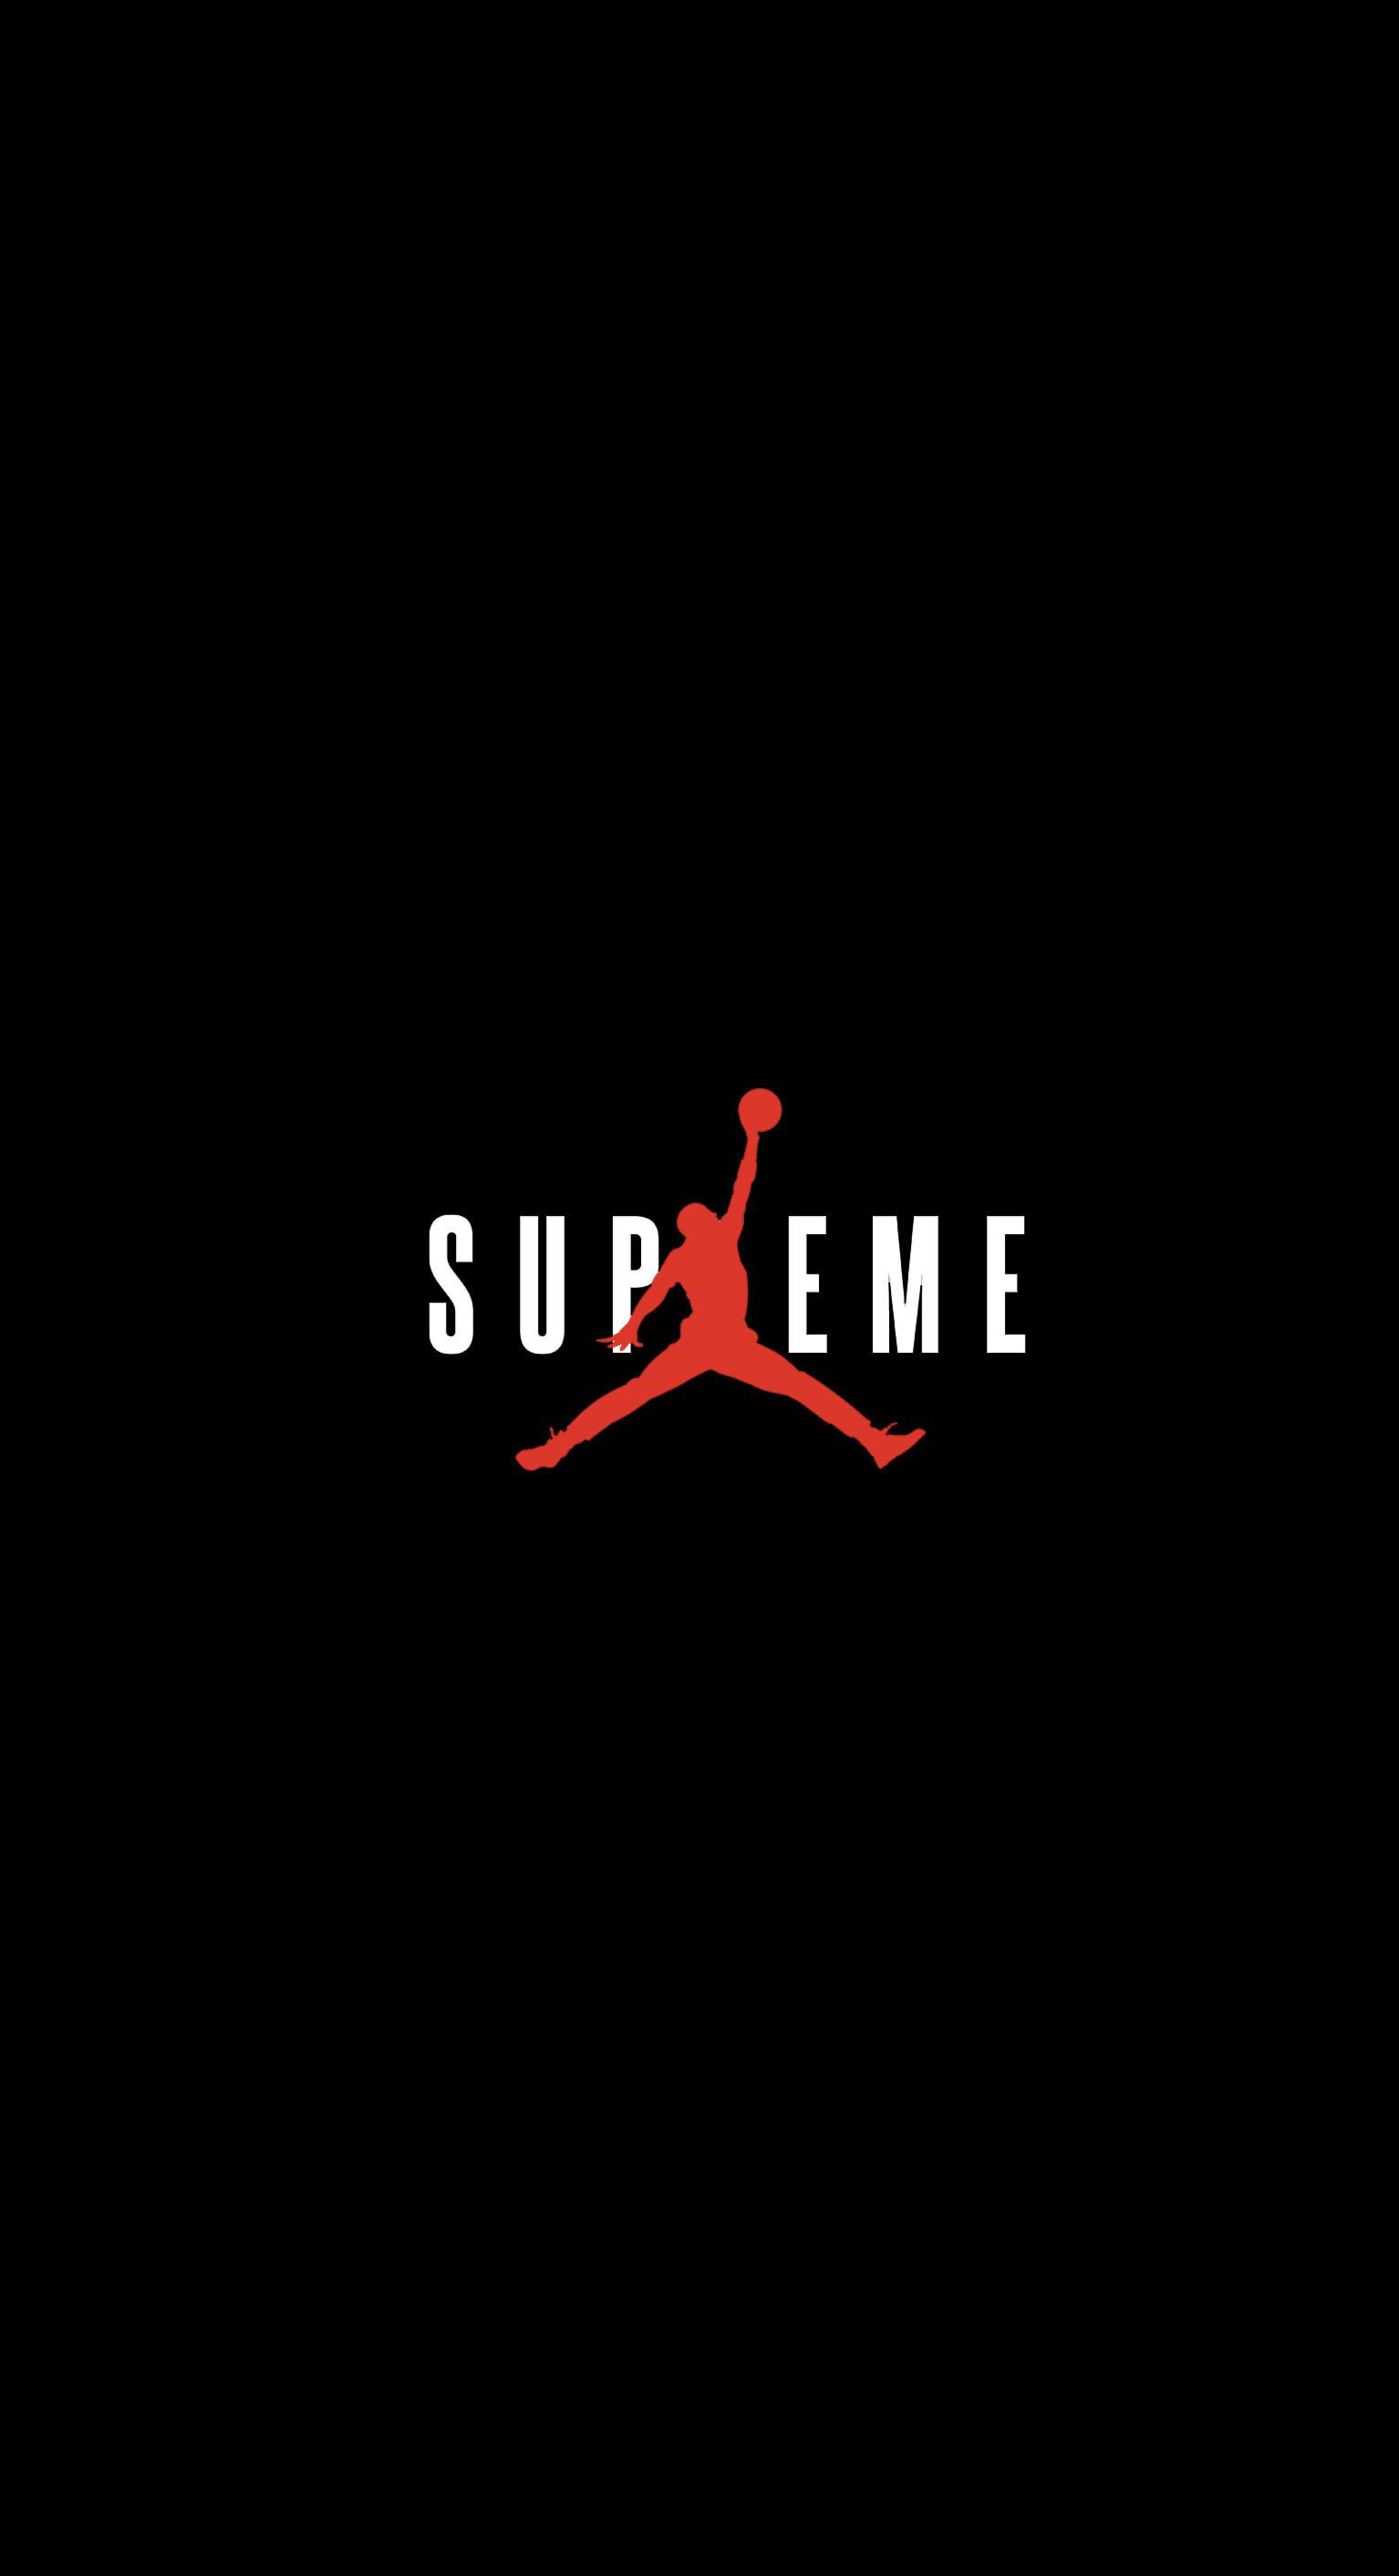 Supreme x Jordan Wallpaper : streetwear – Streetwear Wallpapers – Wallpaper  Zone